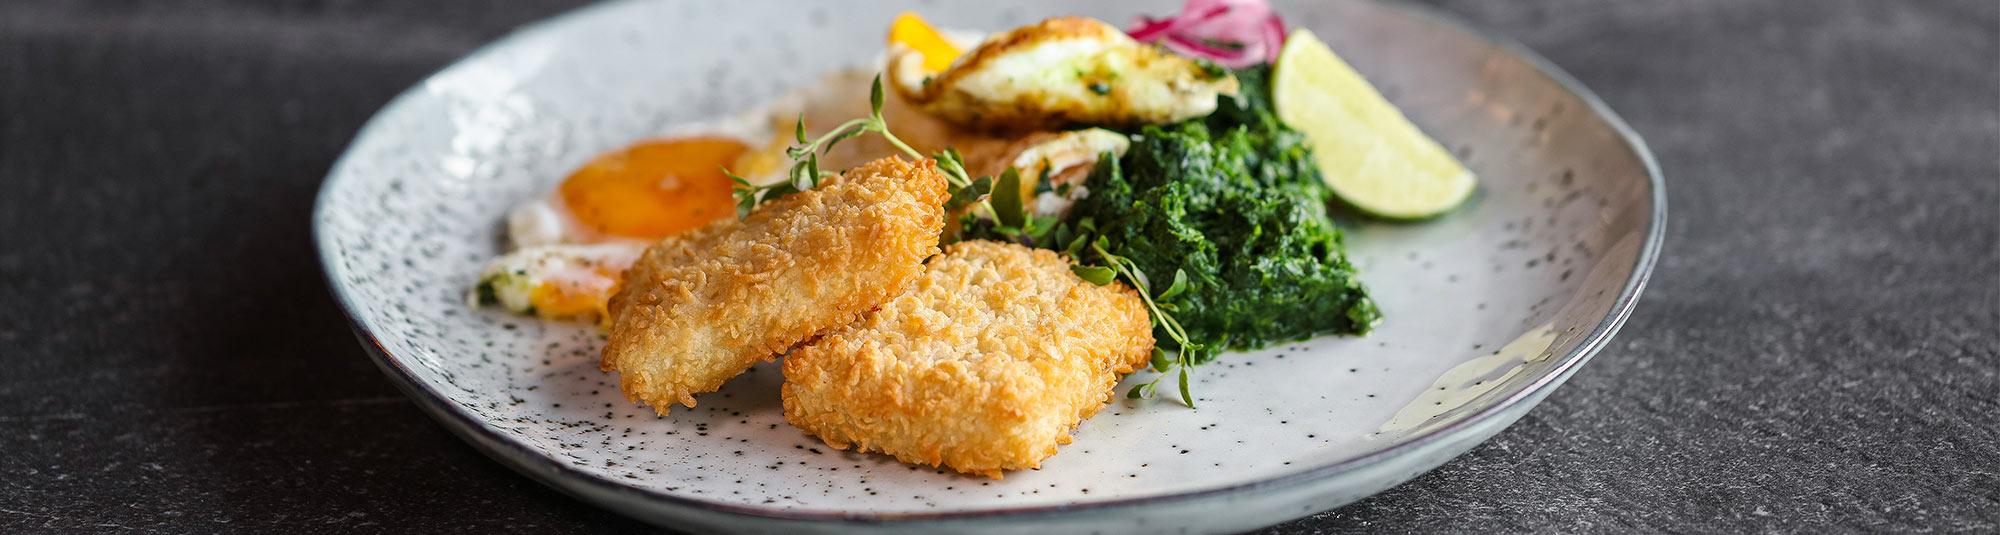 Crispies, panerade fiskbitar med vild omelett